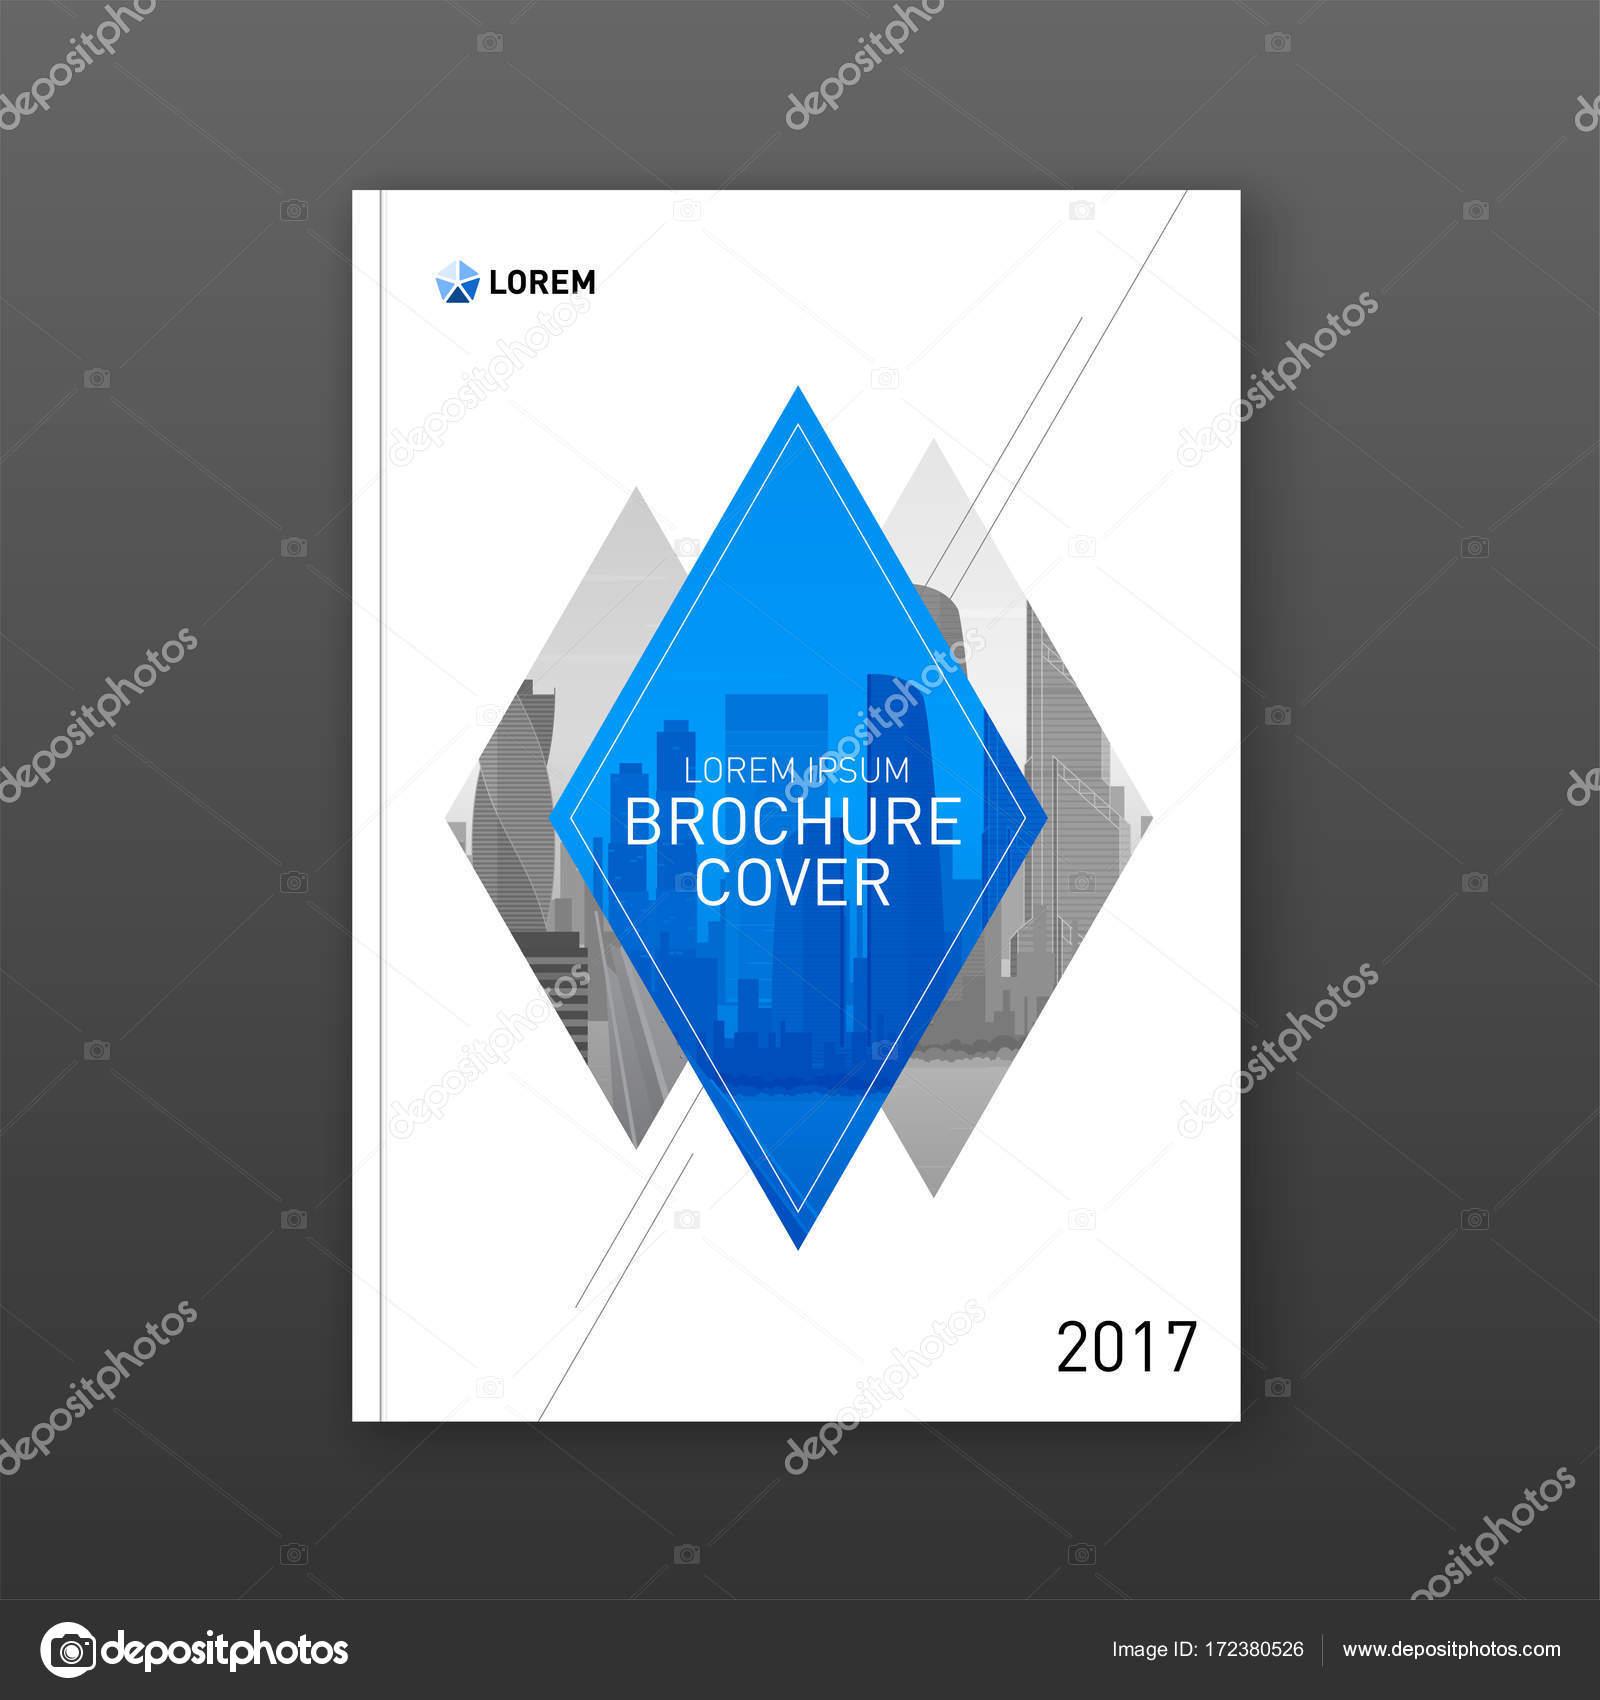 Diseño de portada folleto para negocios — Archivo Imágenes ...